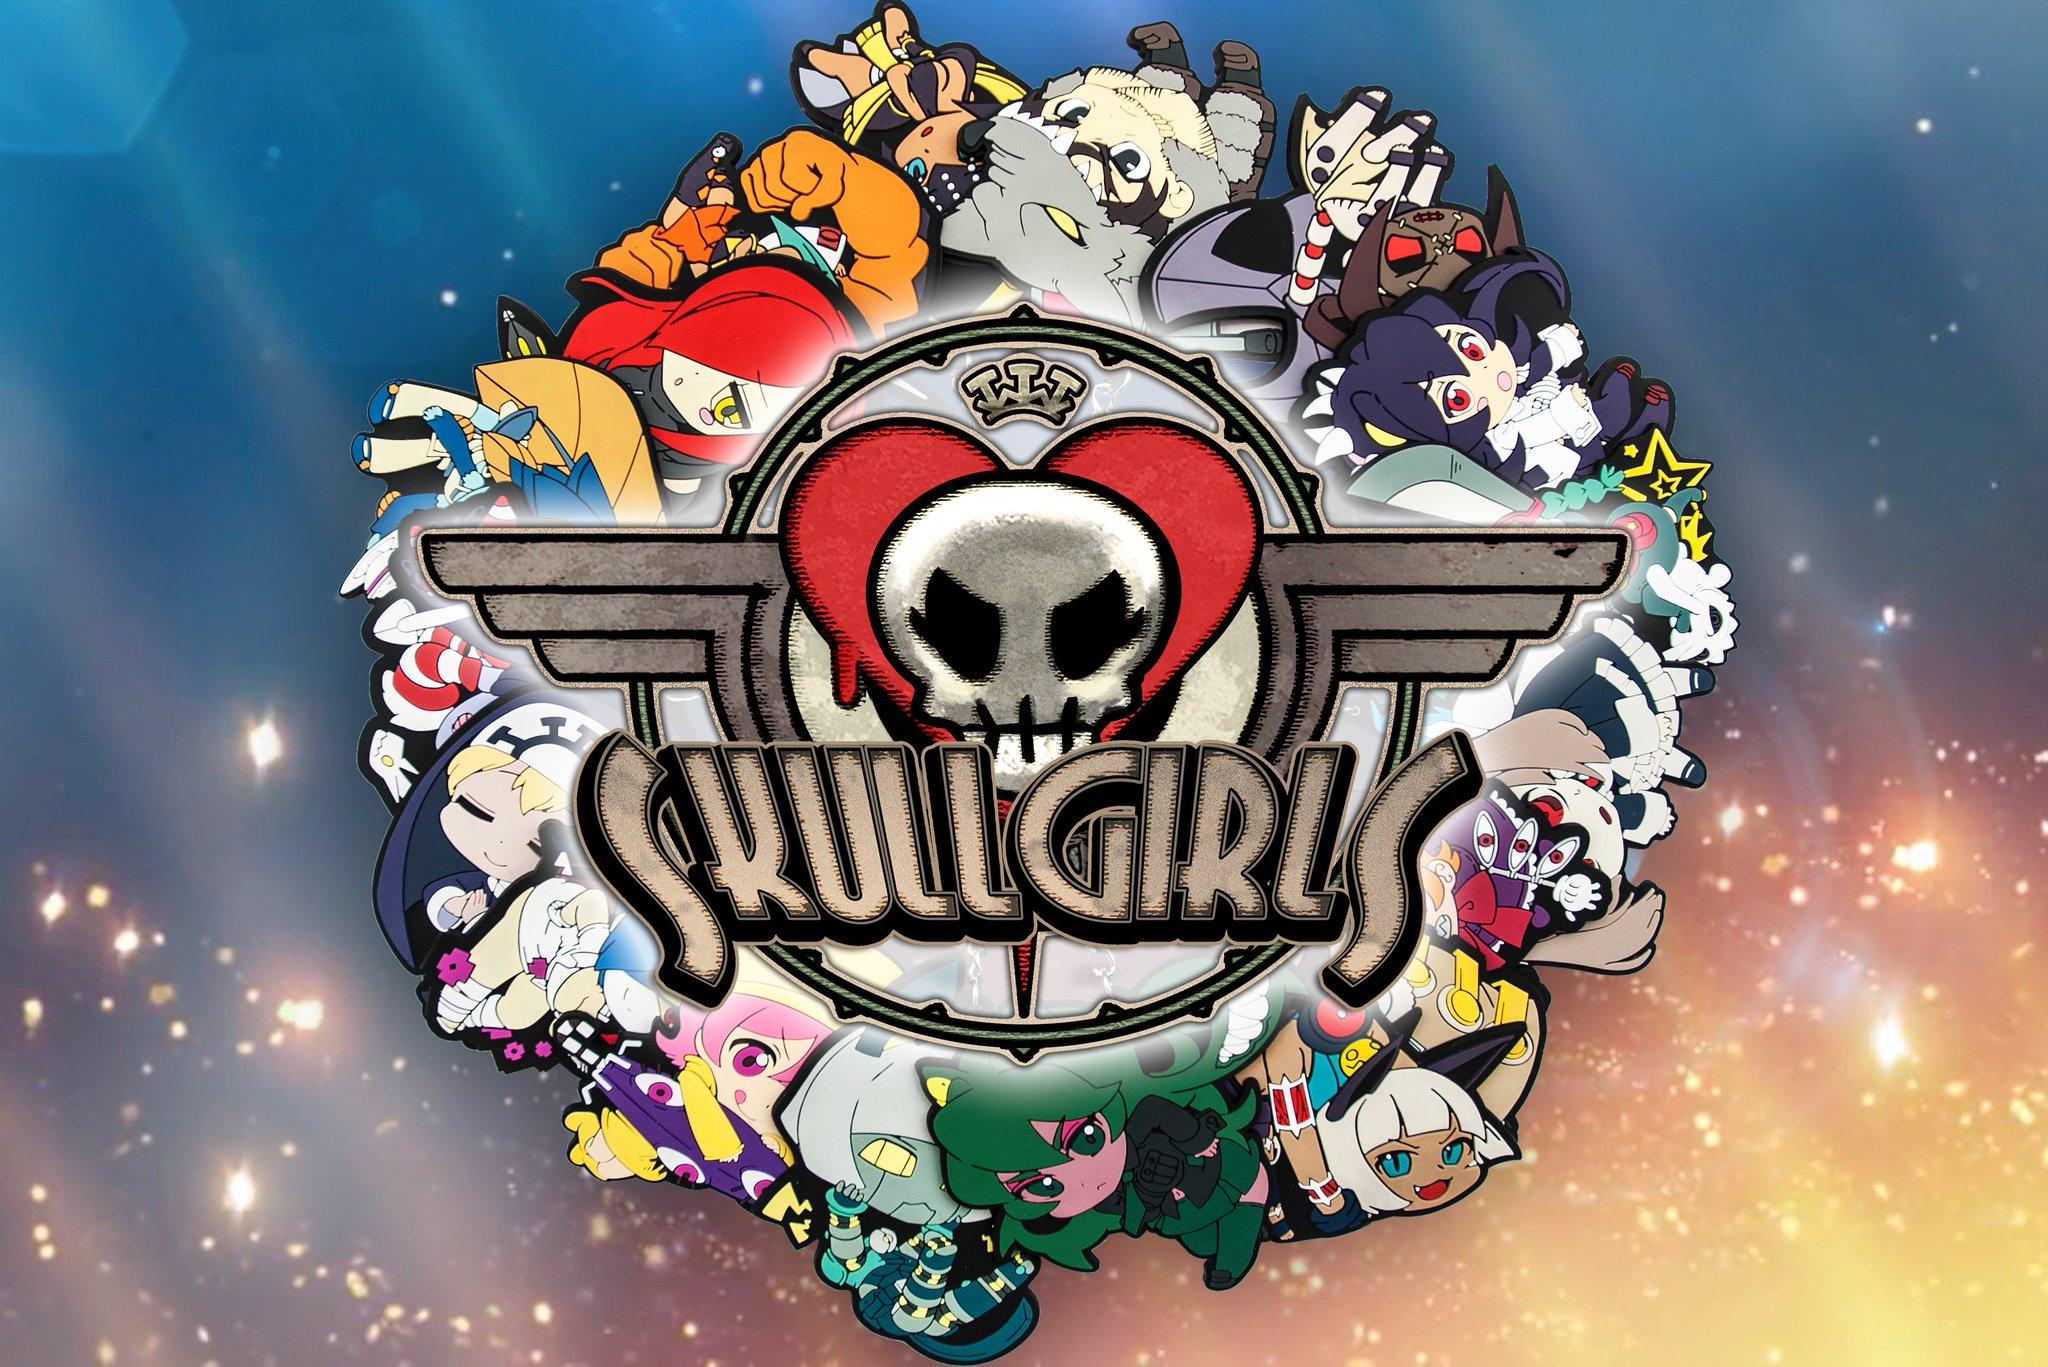 5年前,一款名叫《骷髅女孩》的游戏诞生了!别忘了她还躺在你的库存里哟